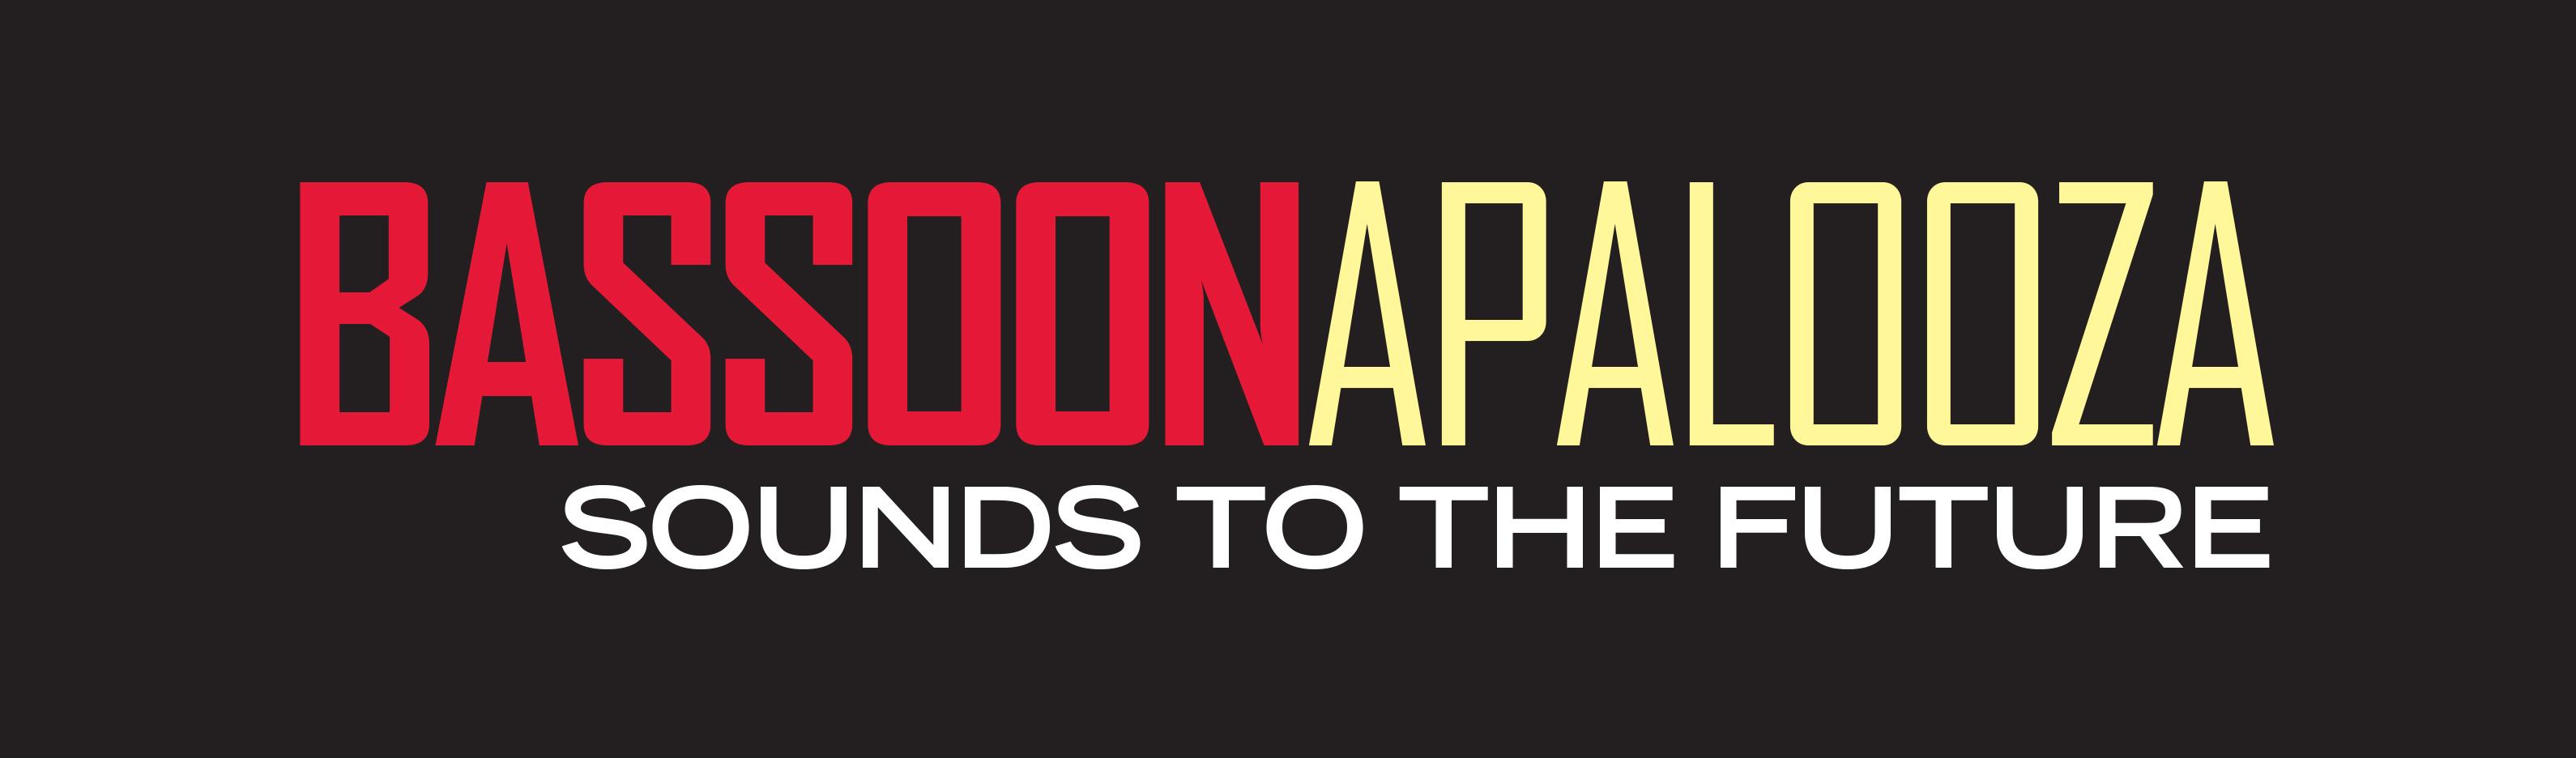 BassoonApalooza logo (1)